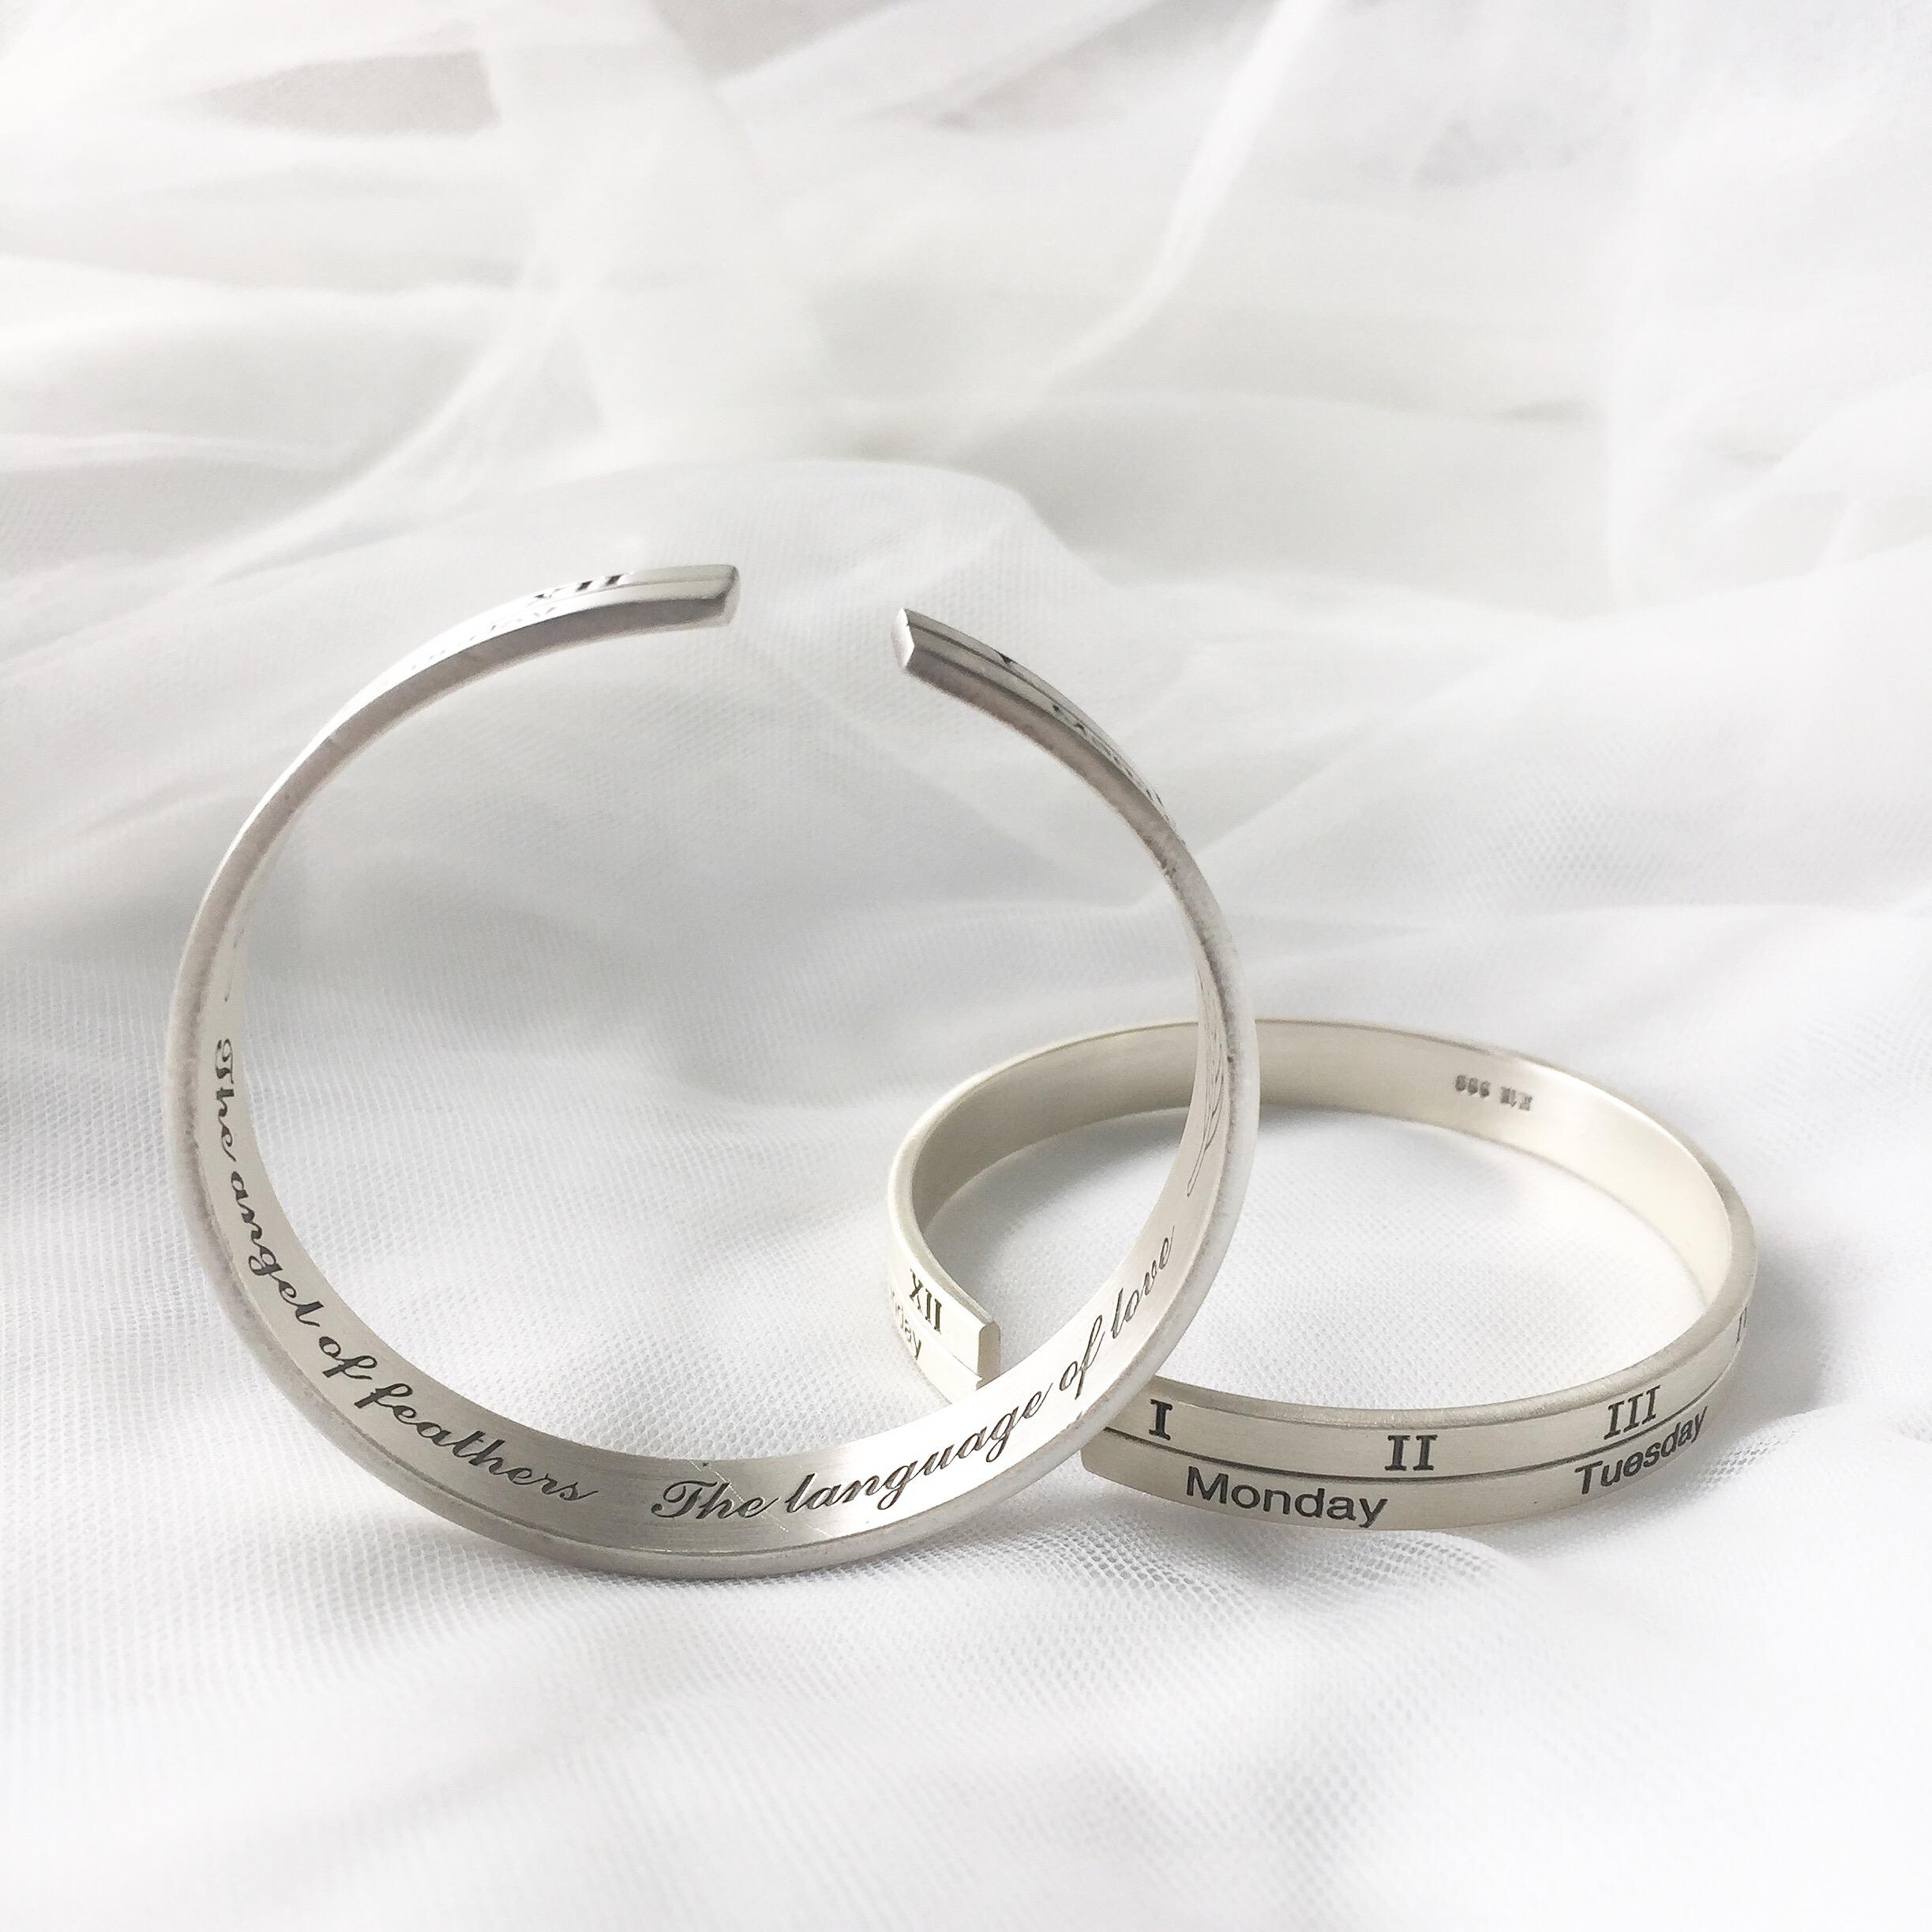 纯银饰品中千足银与纯银哪种好